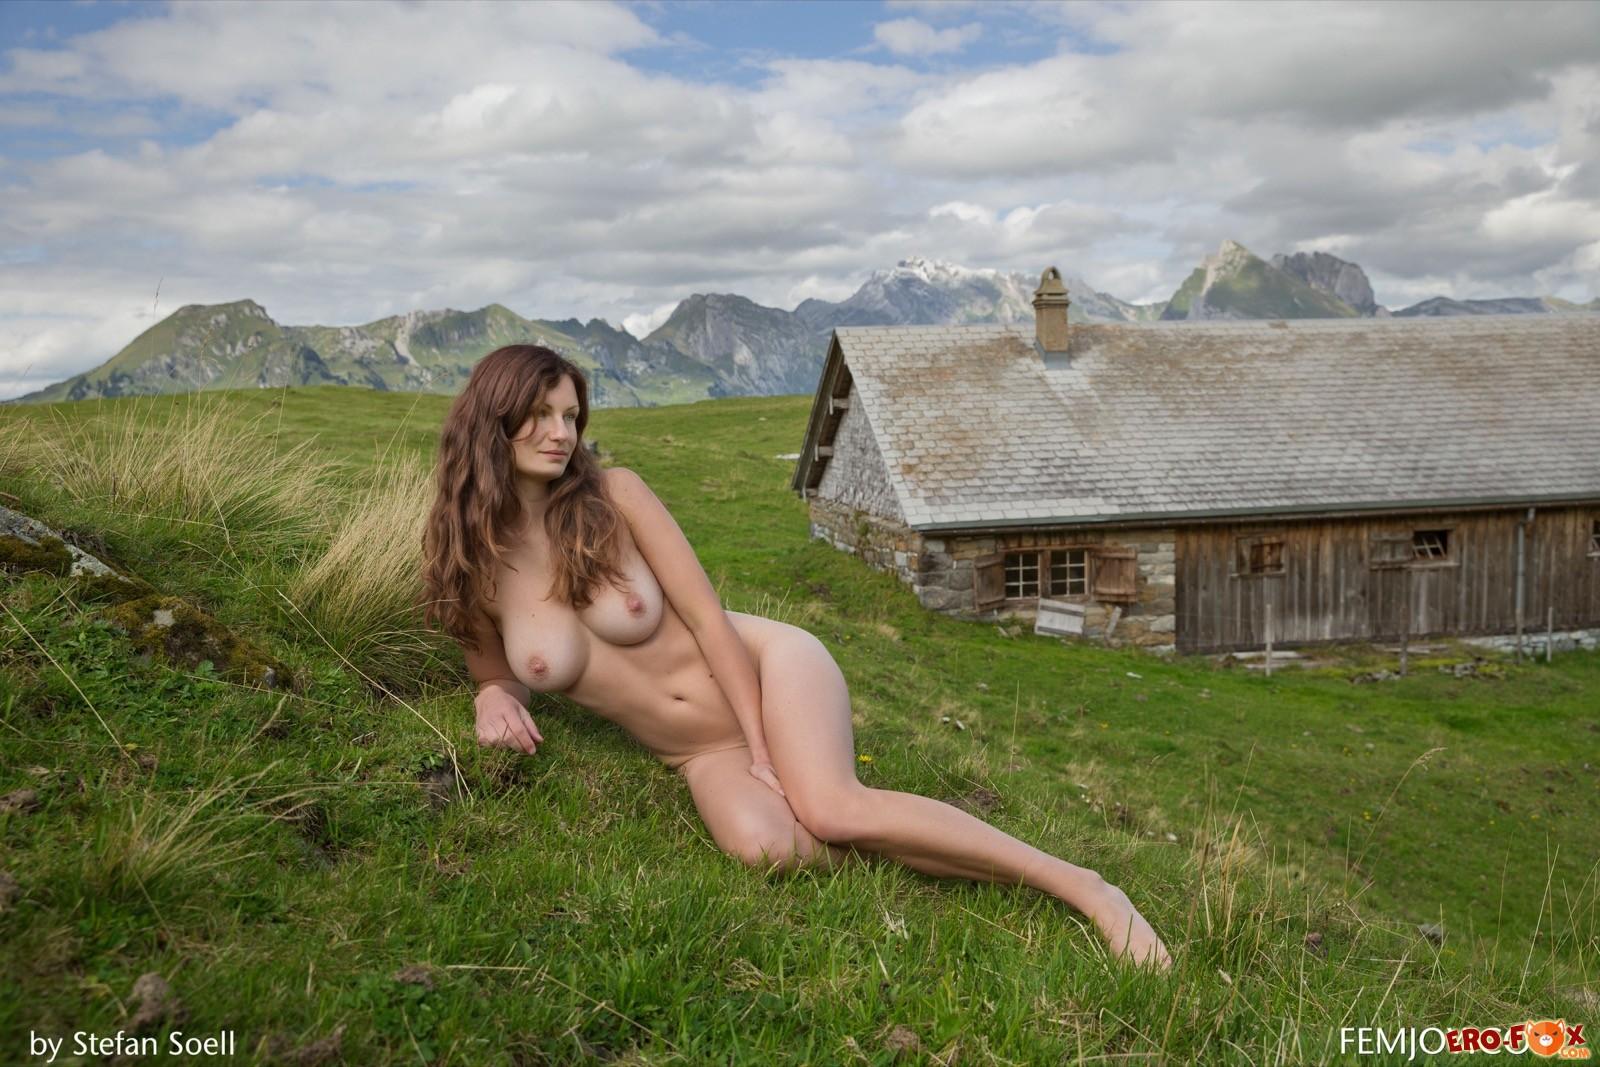 Голая девушка с очень красивой грудью